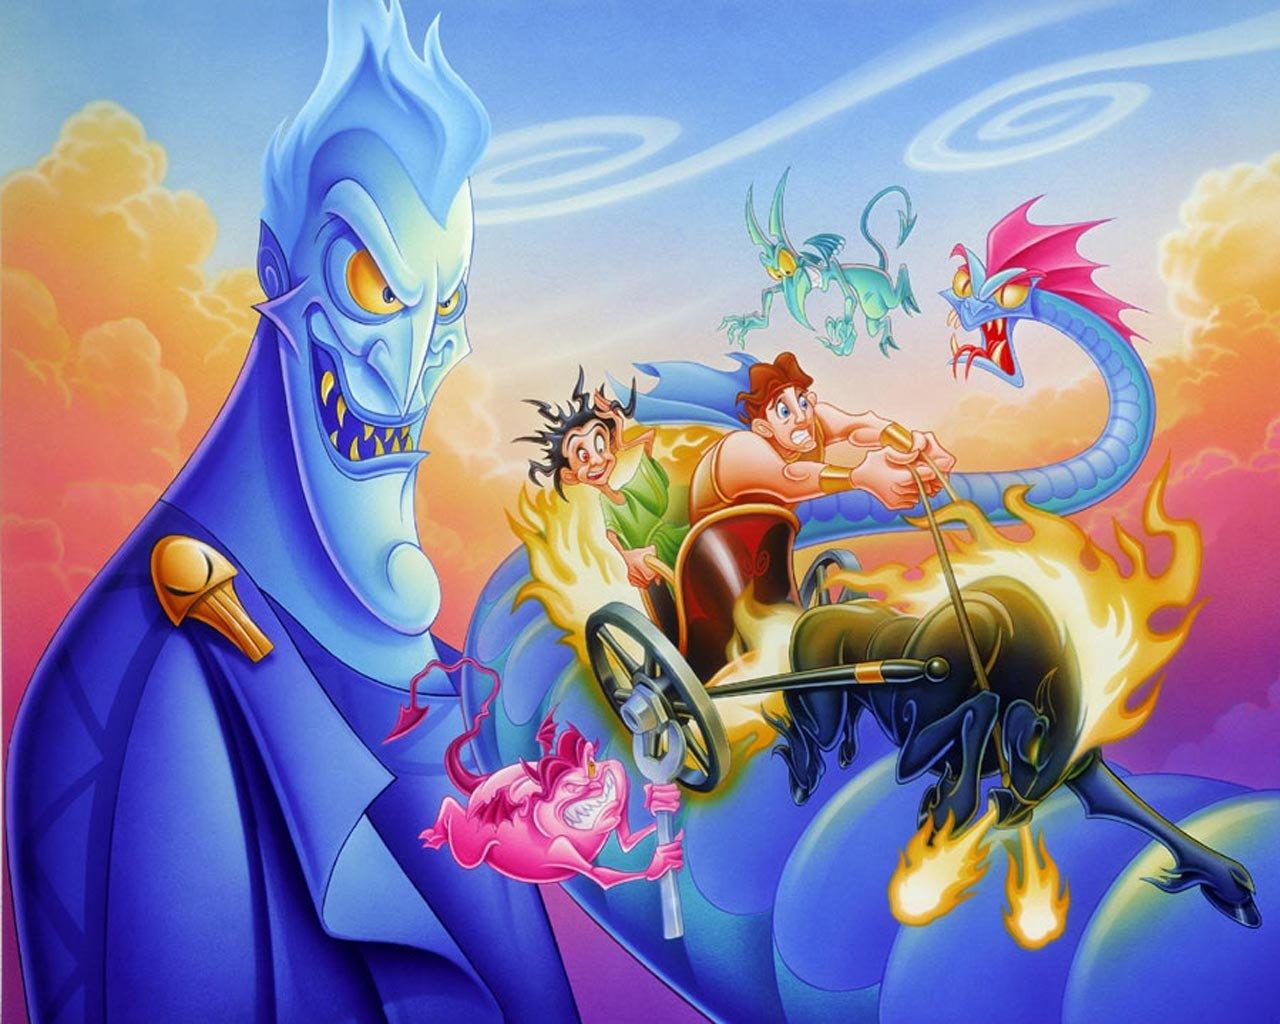 The Cartoon Funny: Hercules Cartoon Movie Disney Animation ...